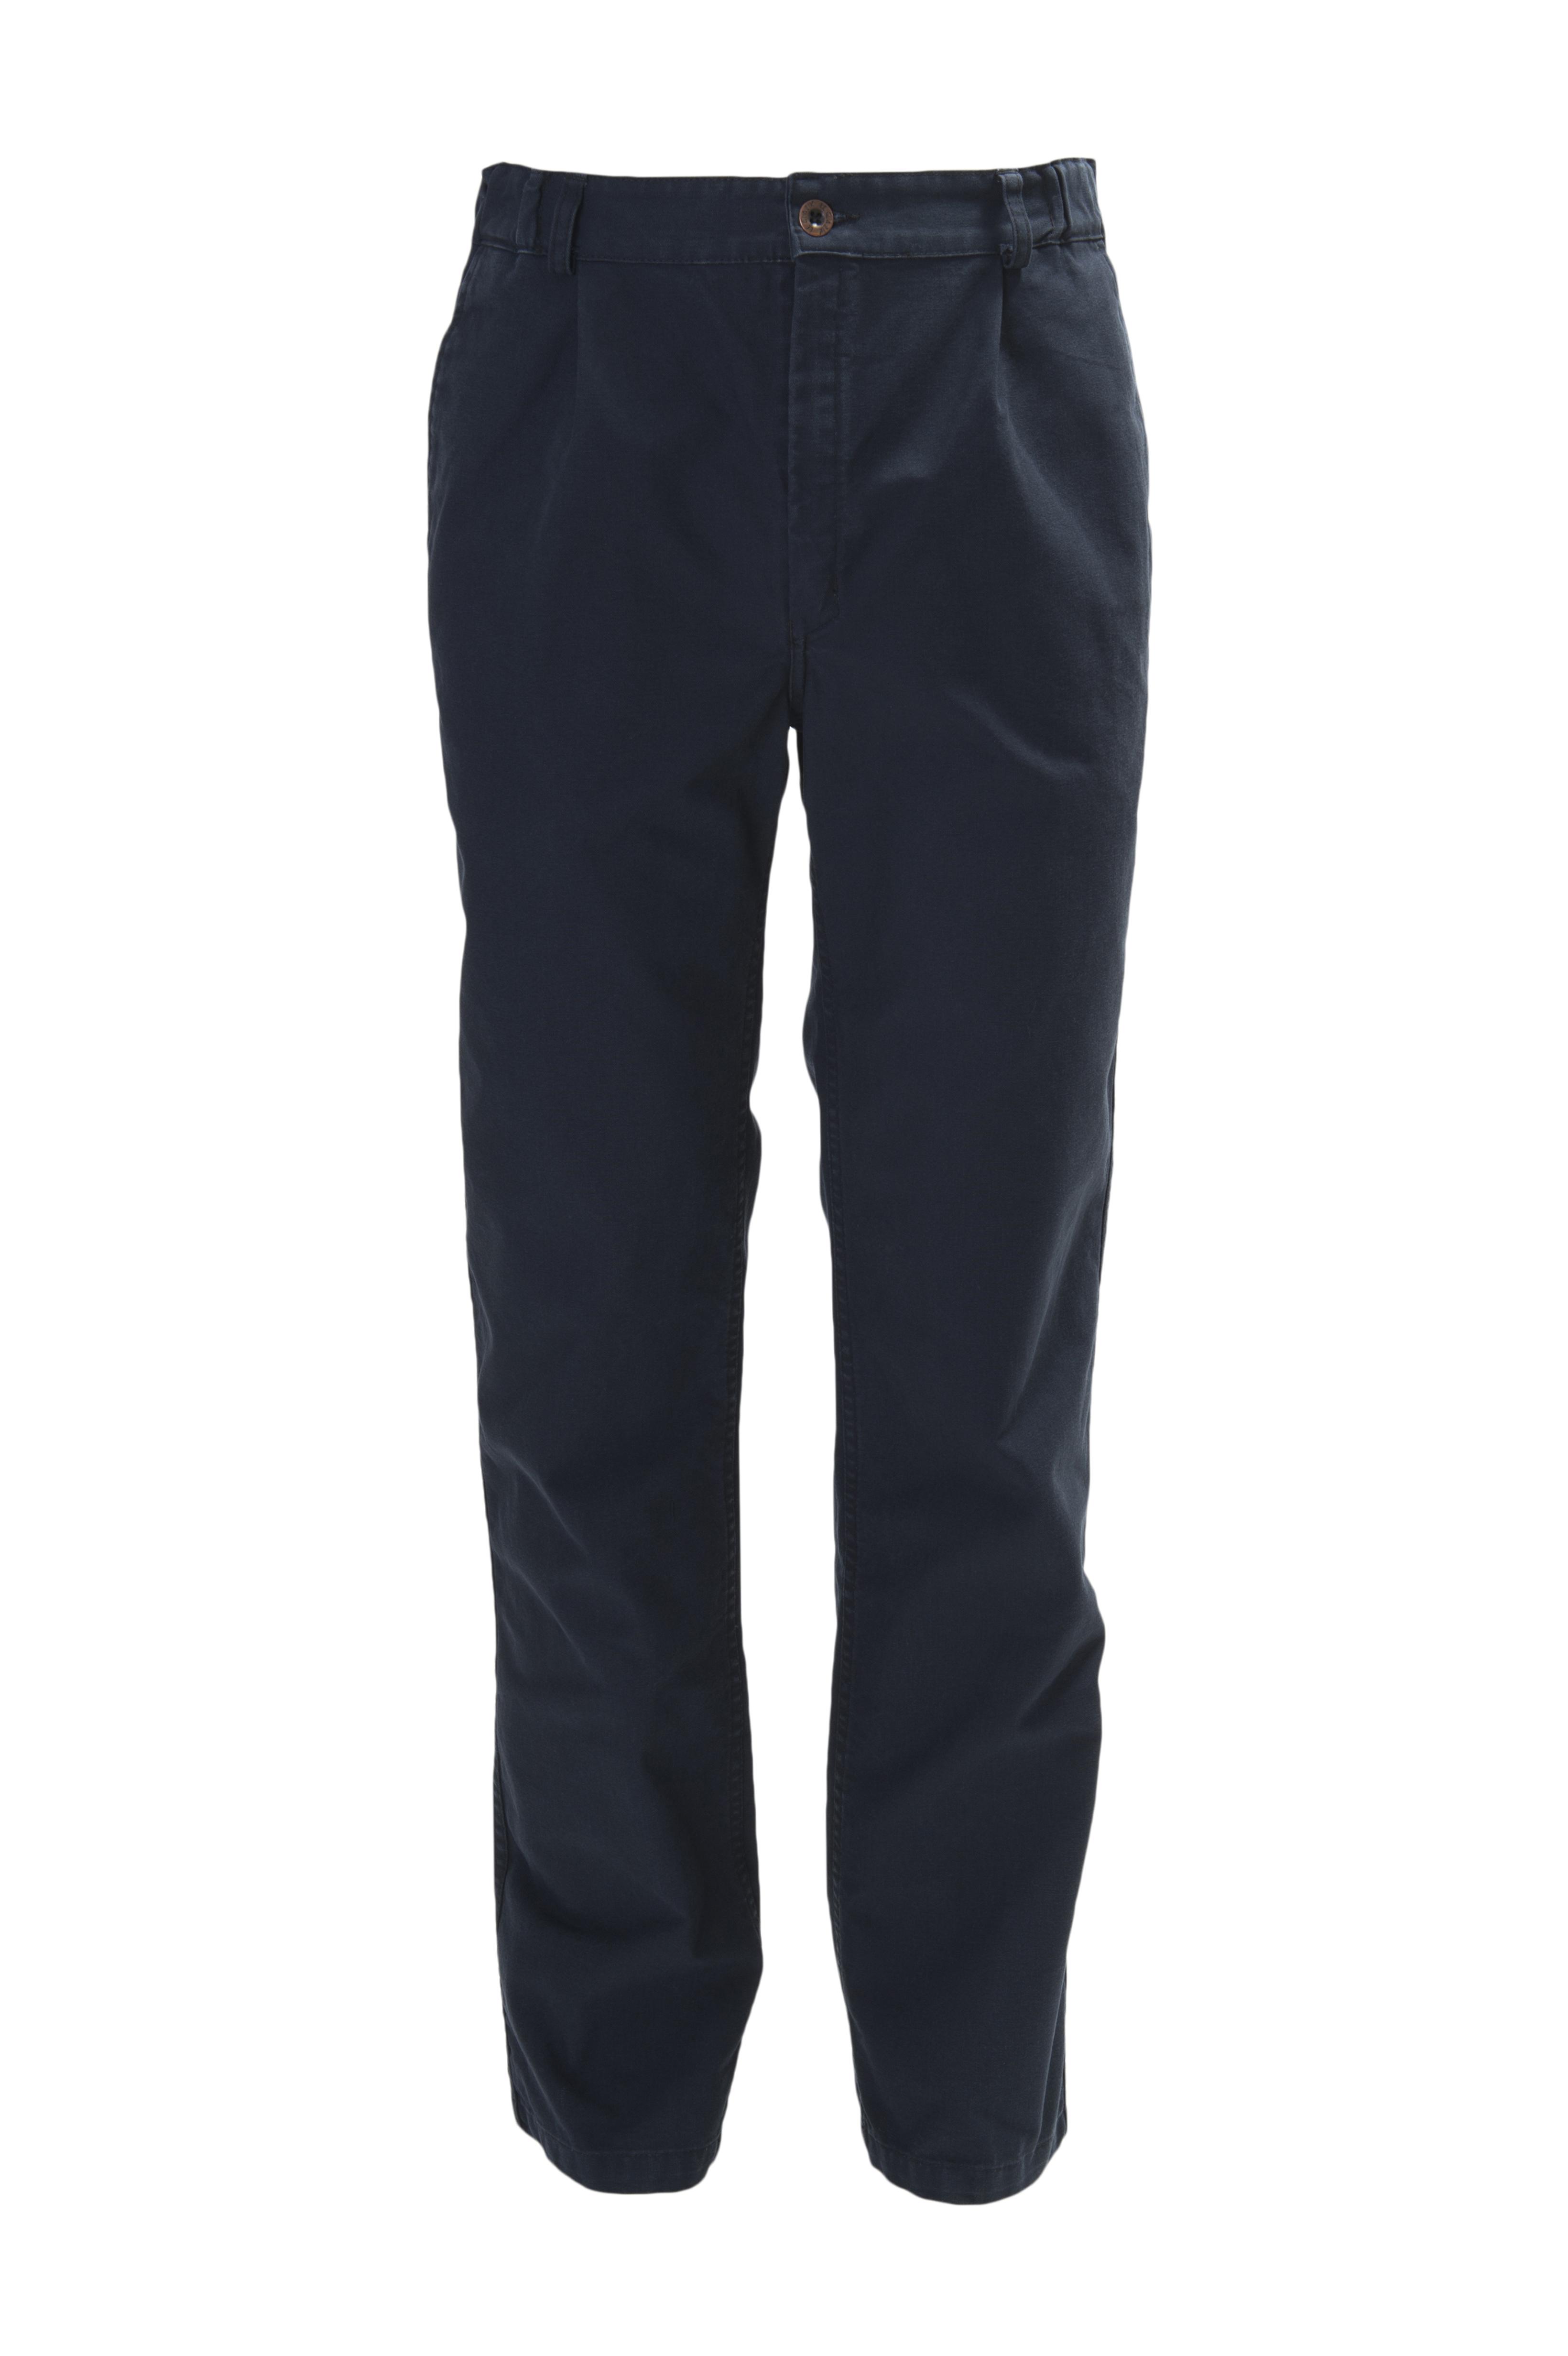 Pantalon en toile authentique coton bio